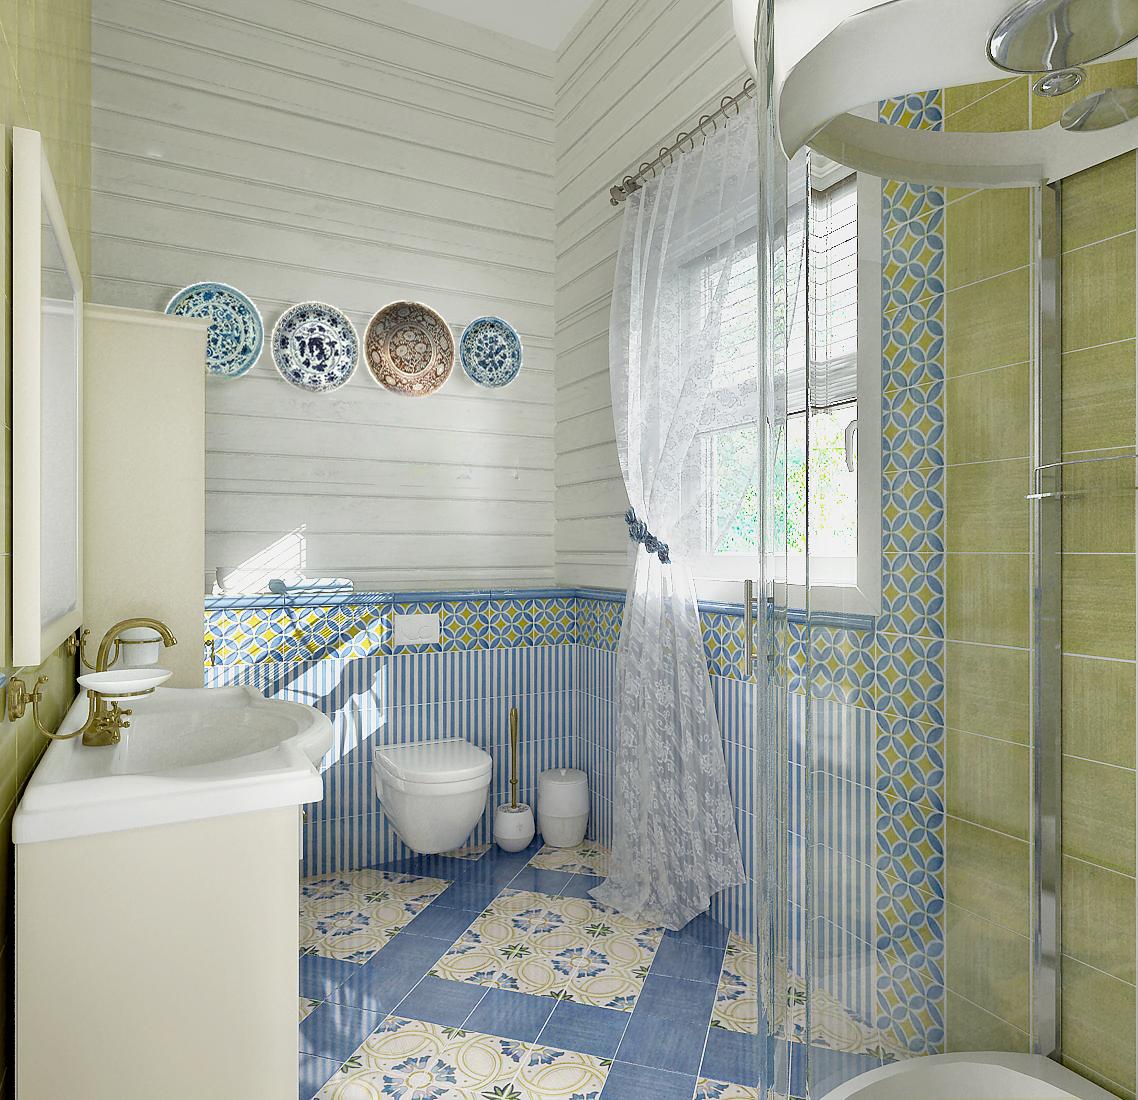 Ванная в стиле прованс: уют в квартире, как подобрать мебель, плитку и зеркало, как правильно оформить маленькую комнату, особенности дизайна, фото интерьеров